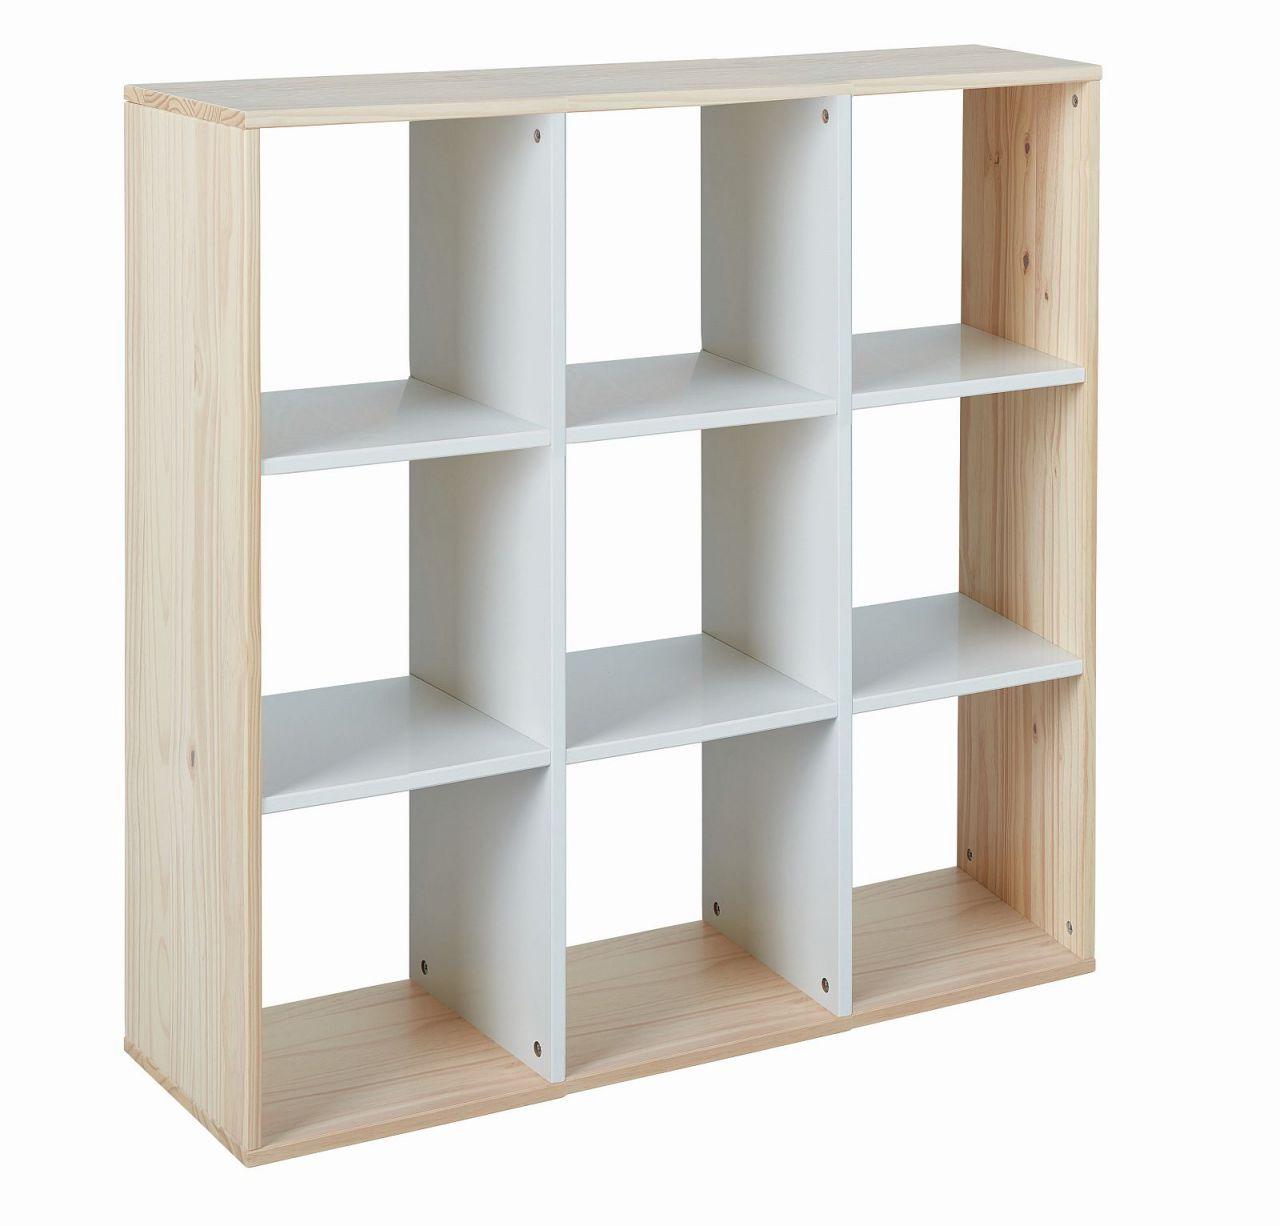 Unglaublich Raumteiler Weiß Beste Wahl Standregal Würfelform 9 Fächer Farbmix Weiß Massivholz